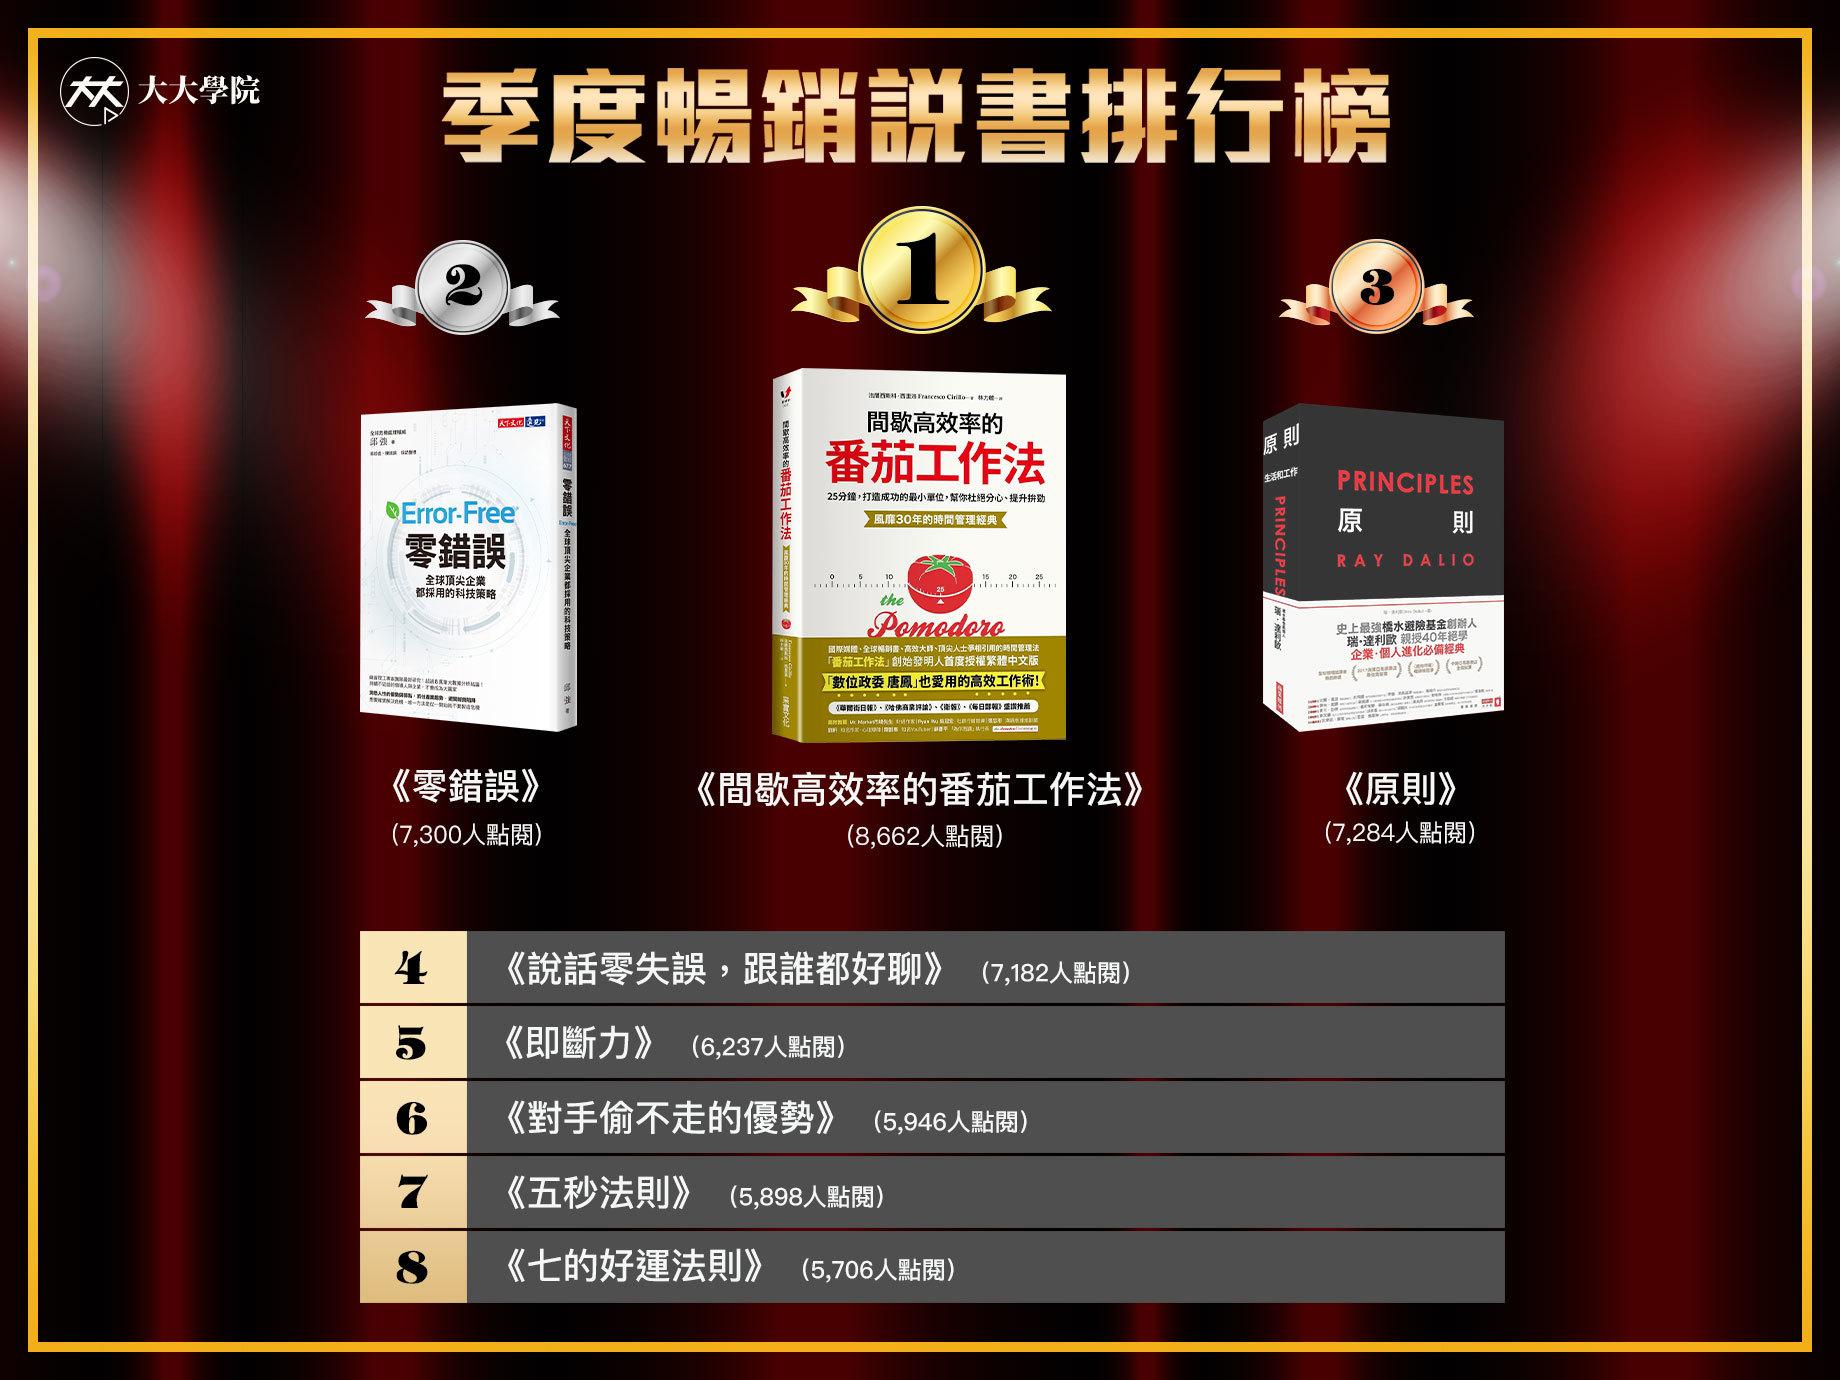 【免費試看】2020年初訂下的閱讀目標,你完成幾本?現在就與「IQ180的台灣天才IT大臣」共讀正夯的番茄工作法!